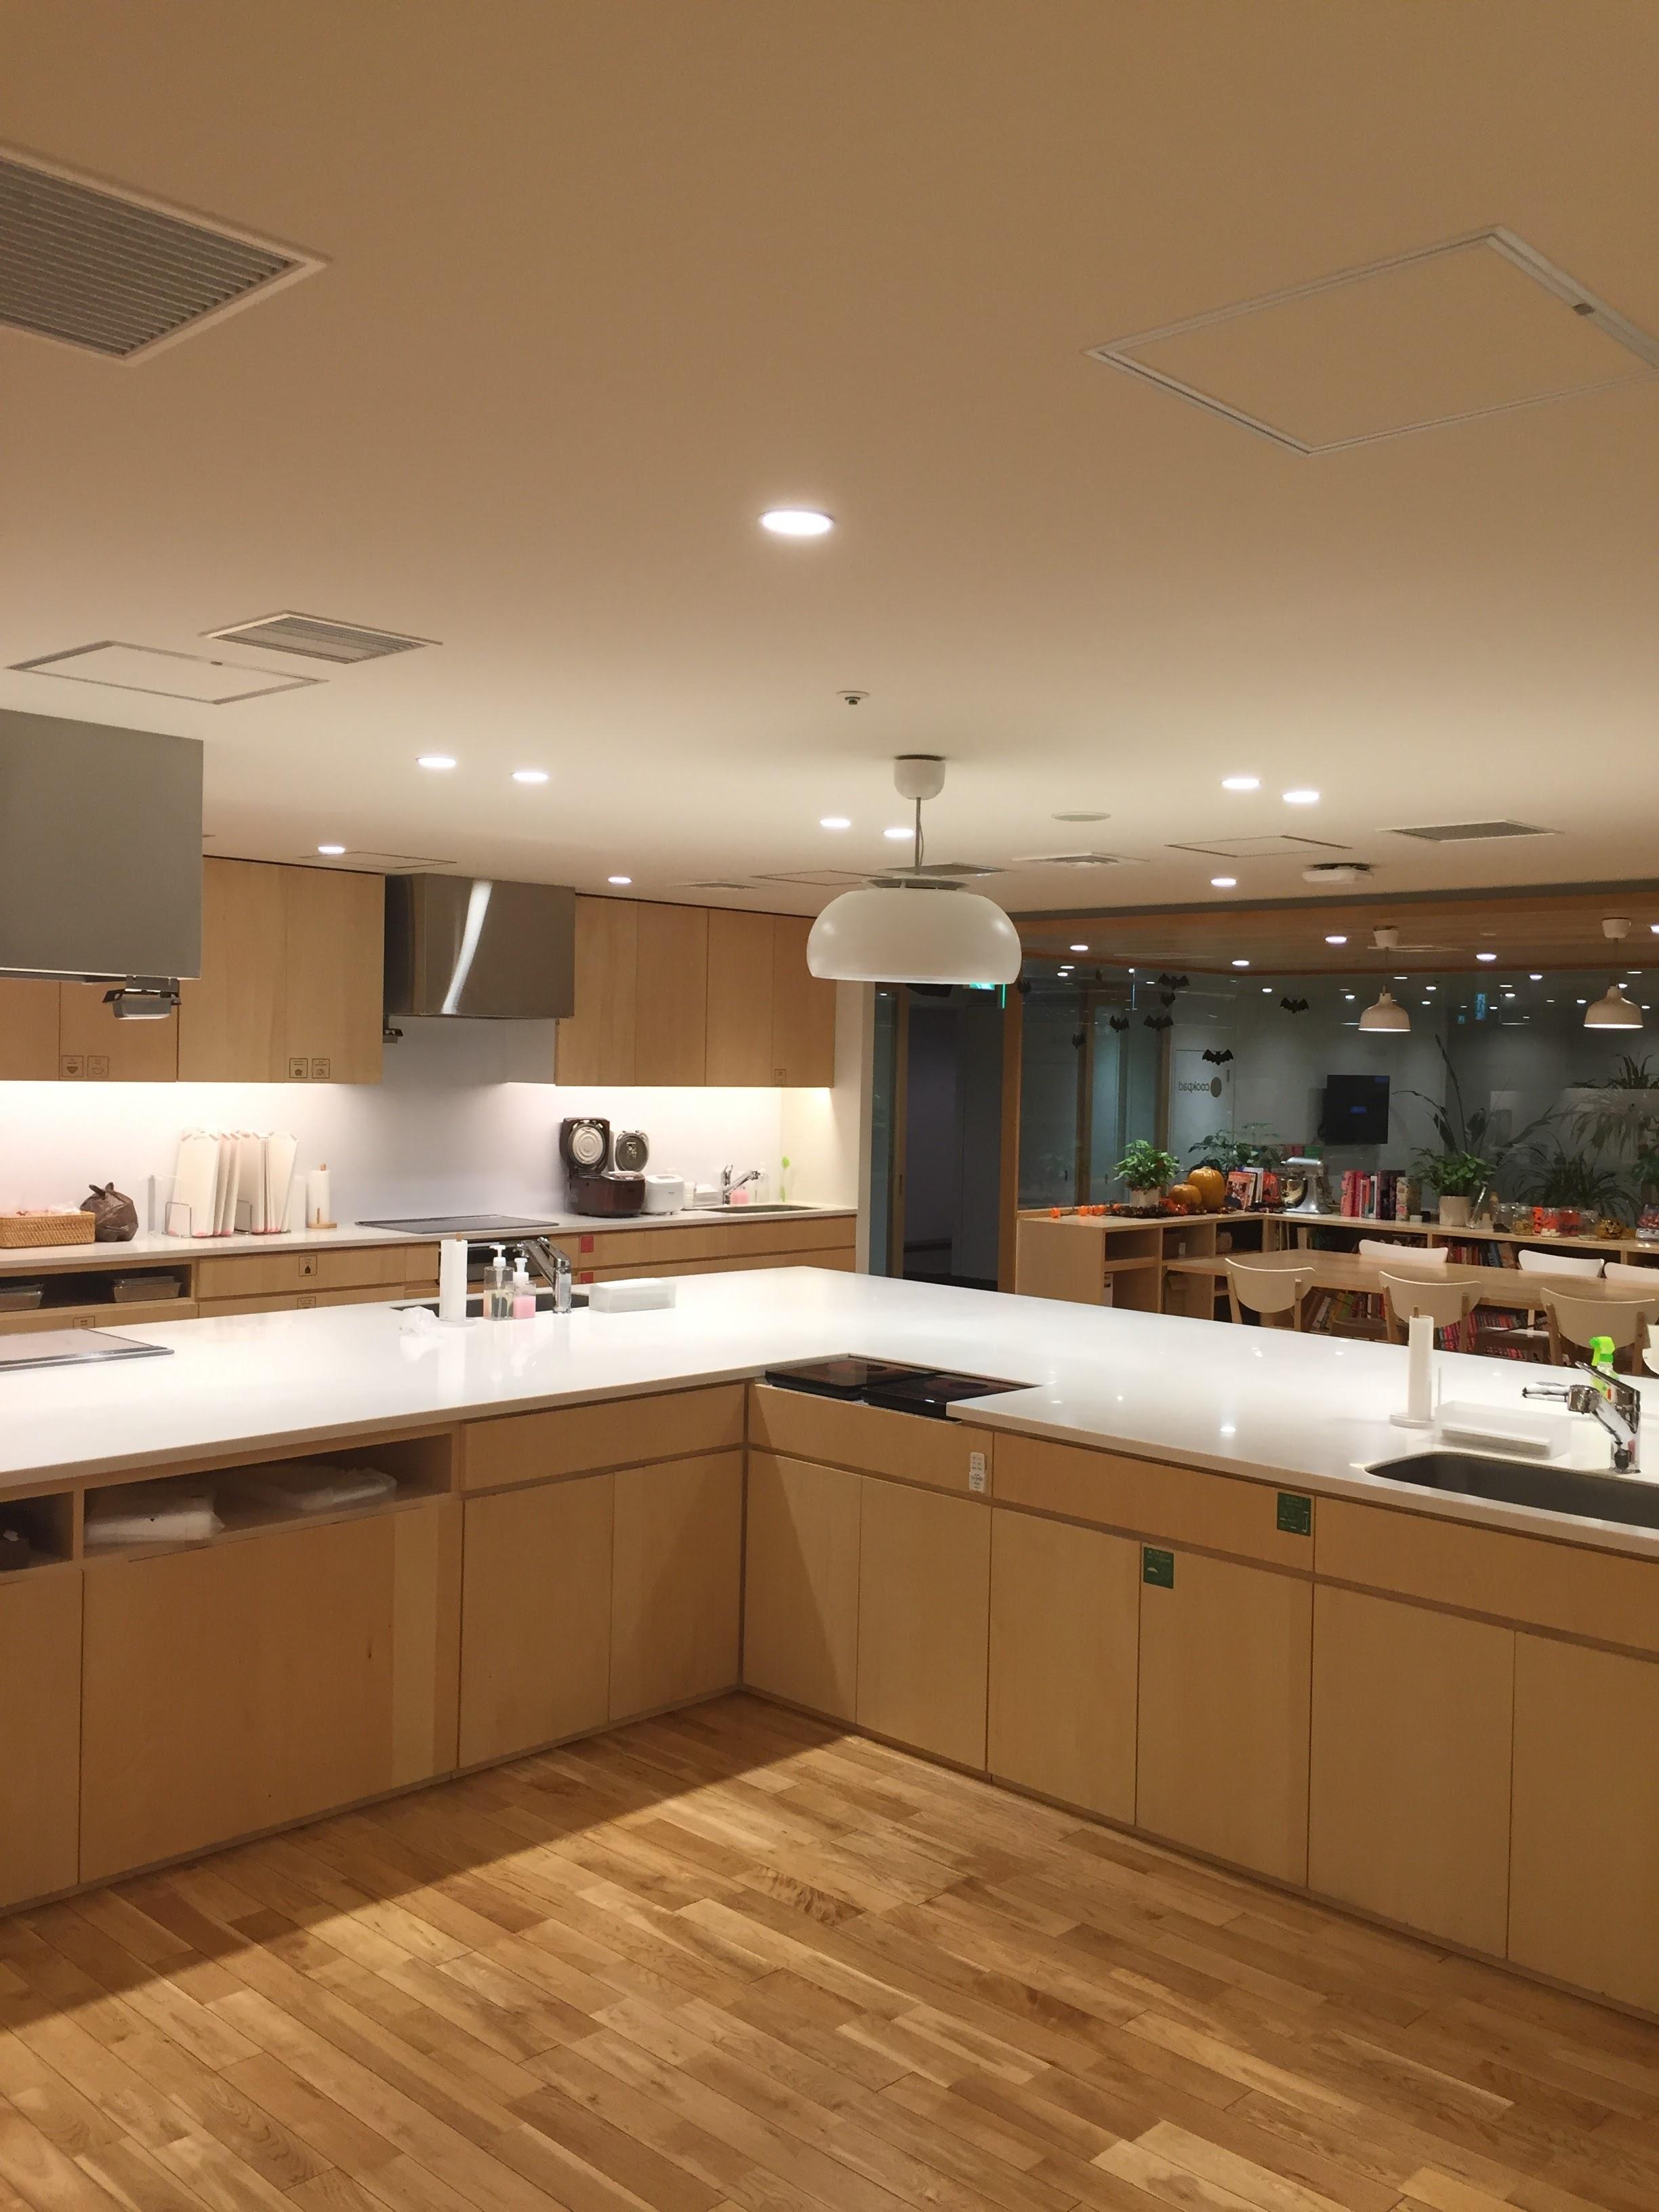 こっちは社員さん用のキッチン。一度に30人以上が料理できるそうです。